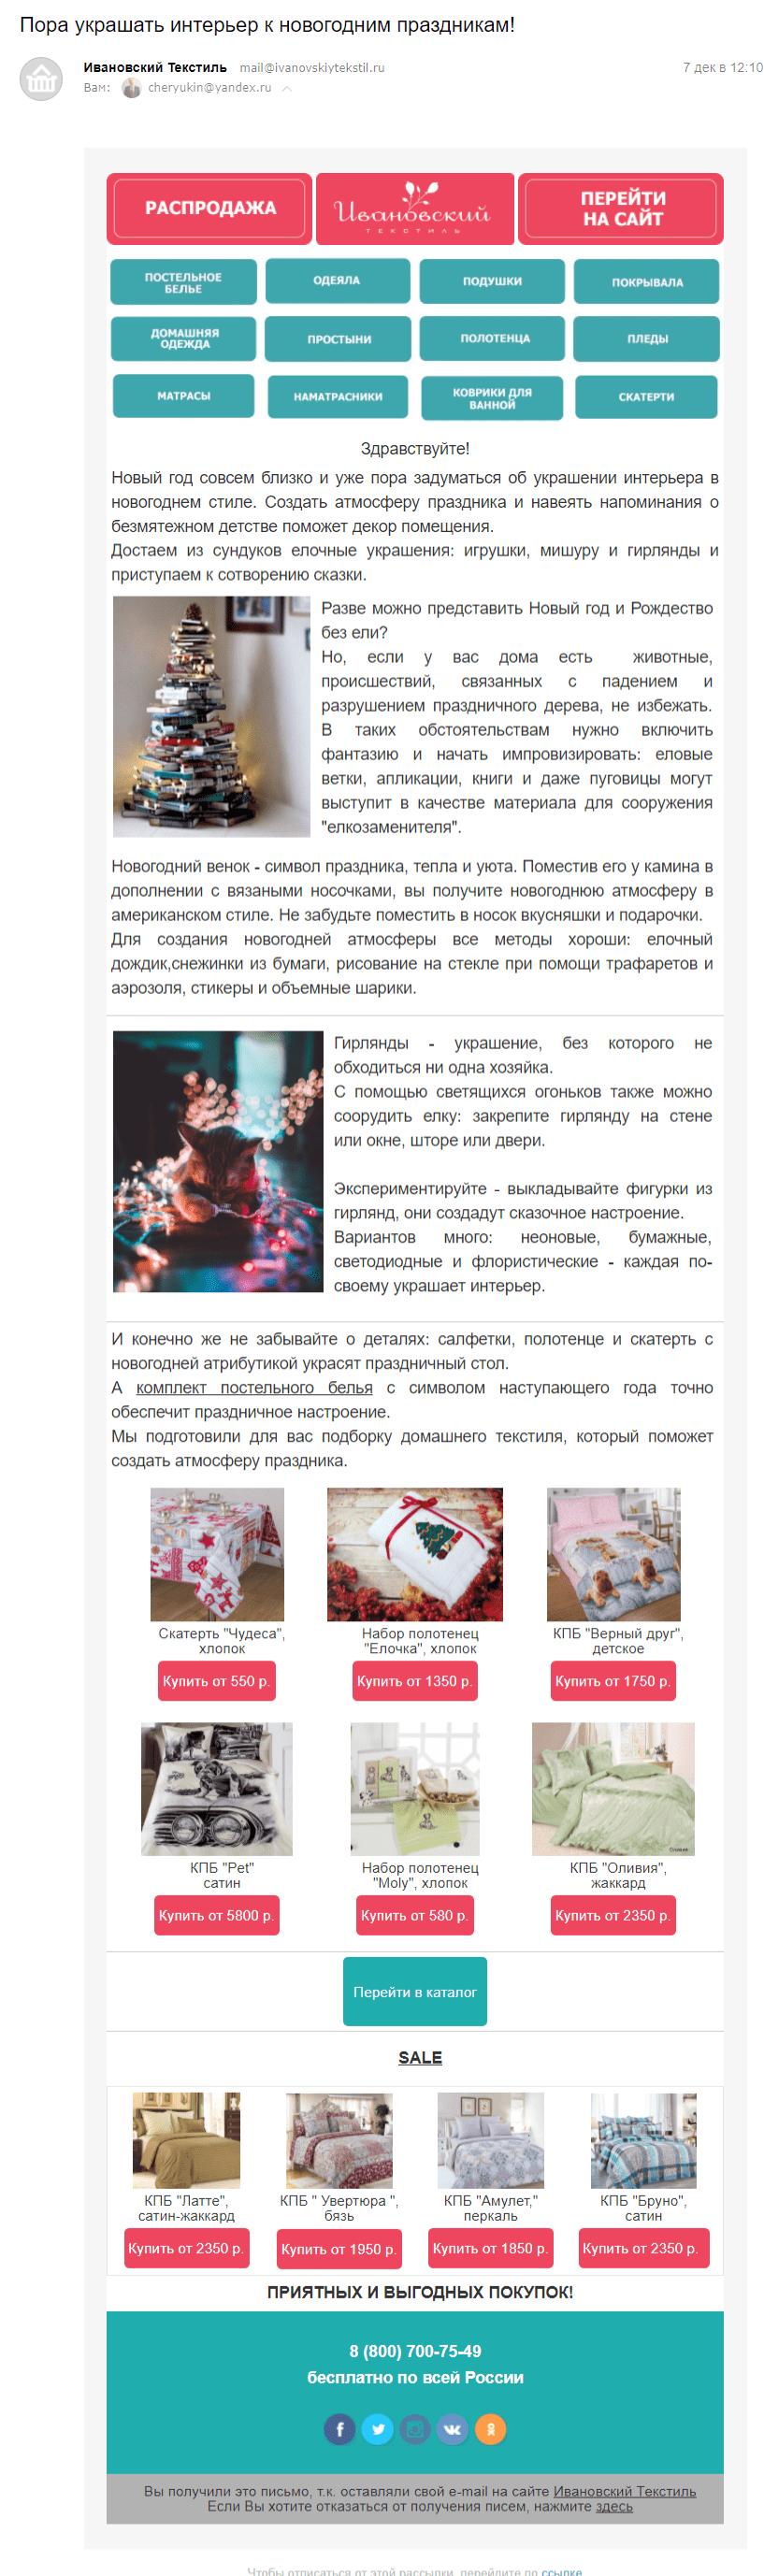 Макет рассылки Ивановского текстиля